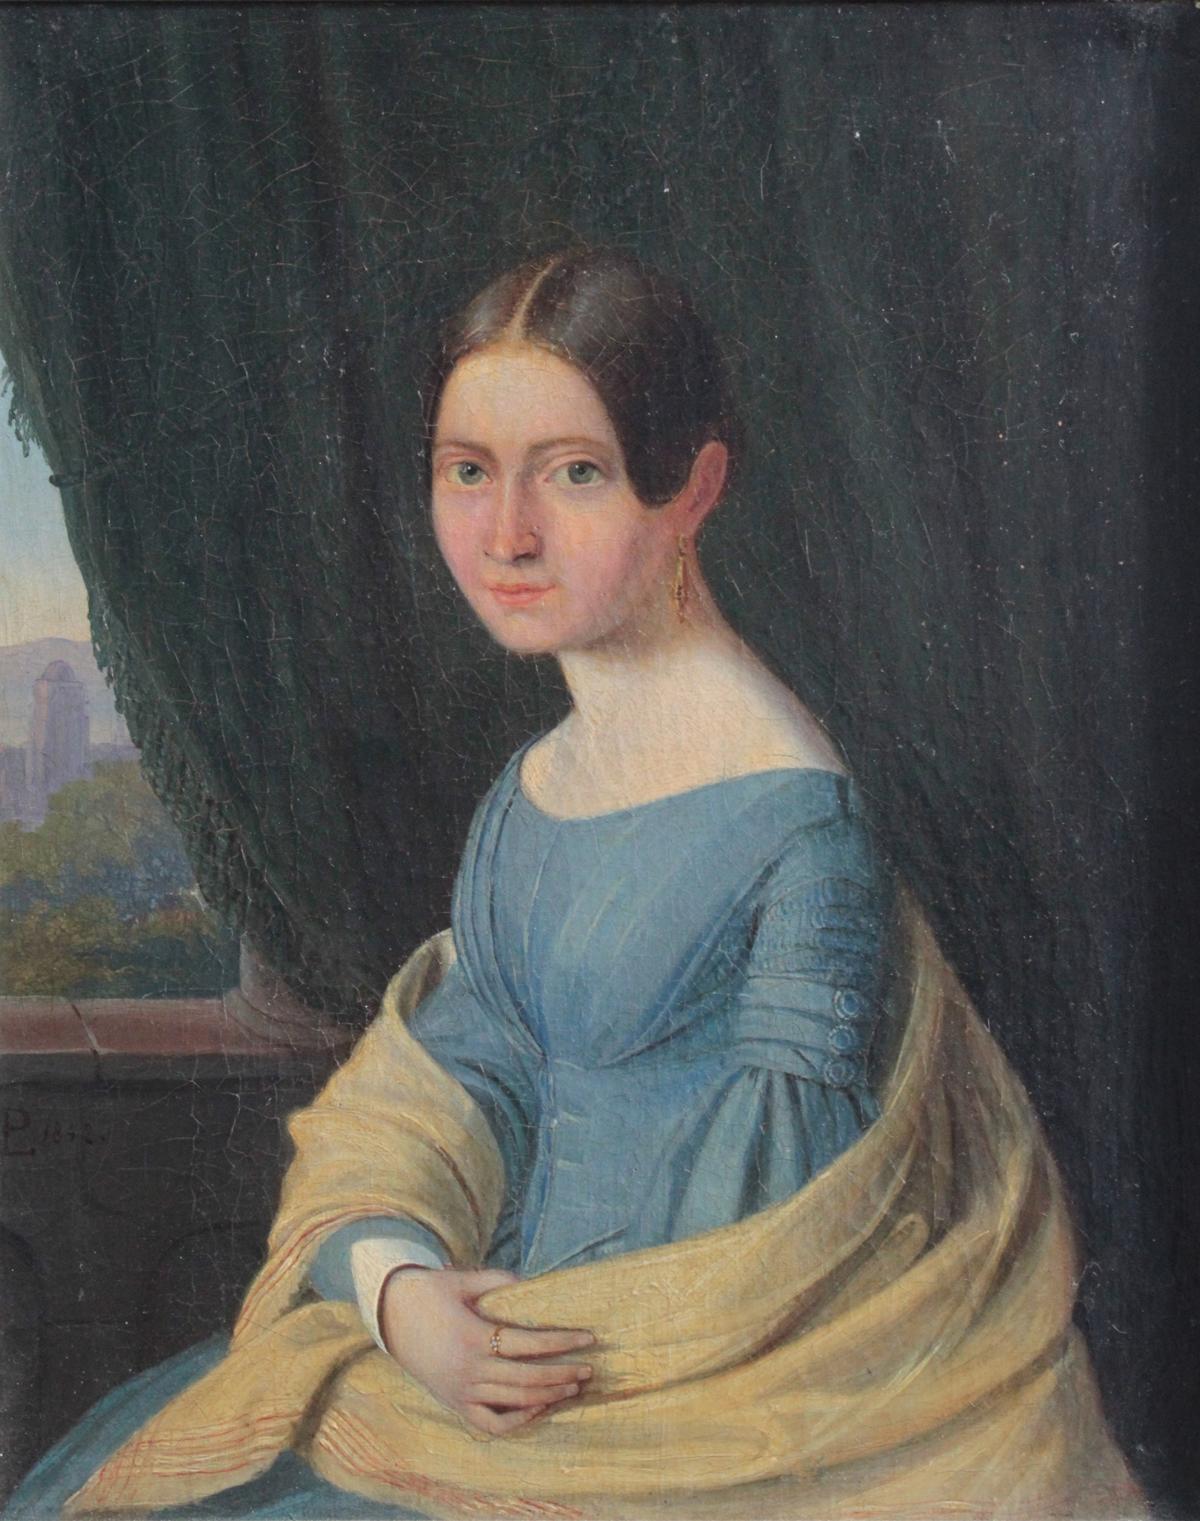 Frauenbildnis des 19. Jahrhunderts-2